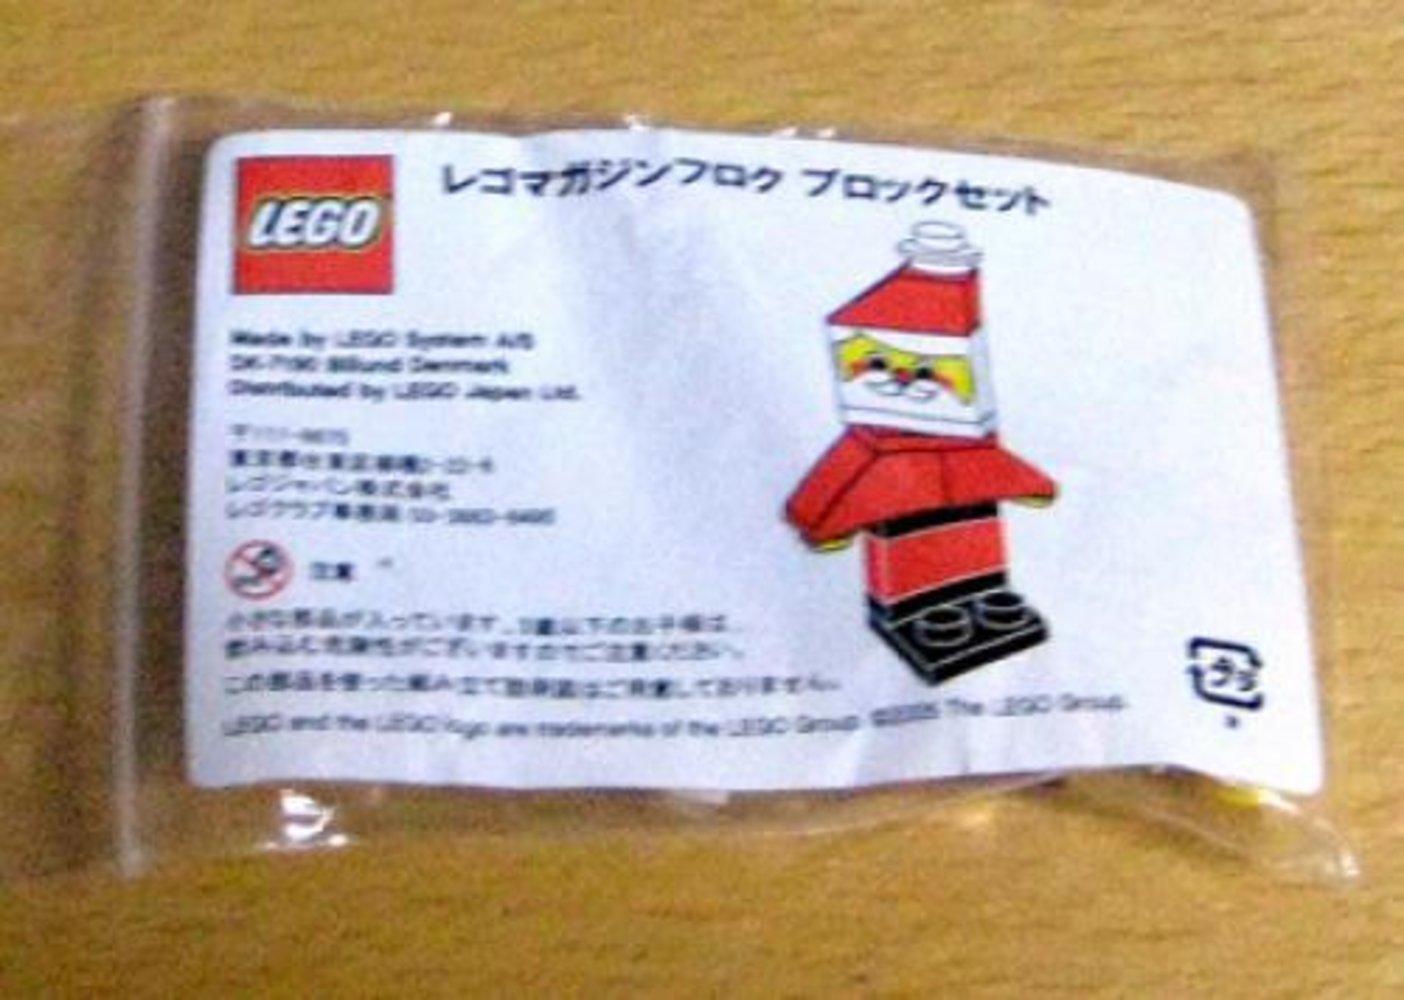 LEGO Japan Santa